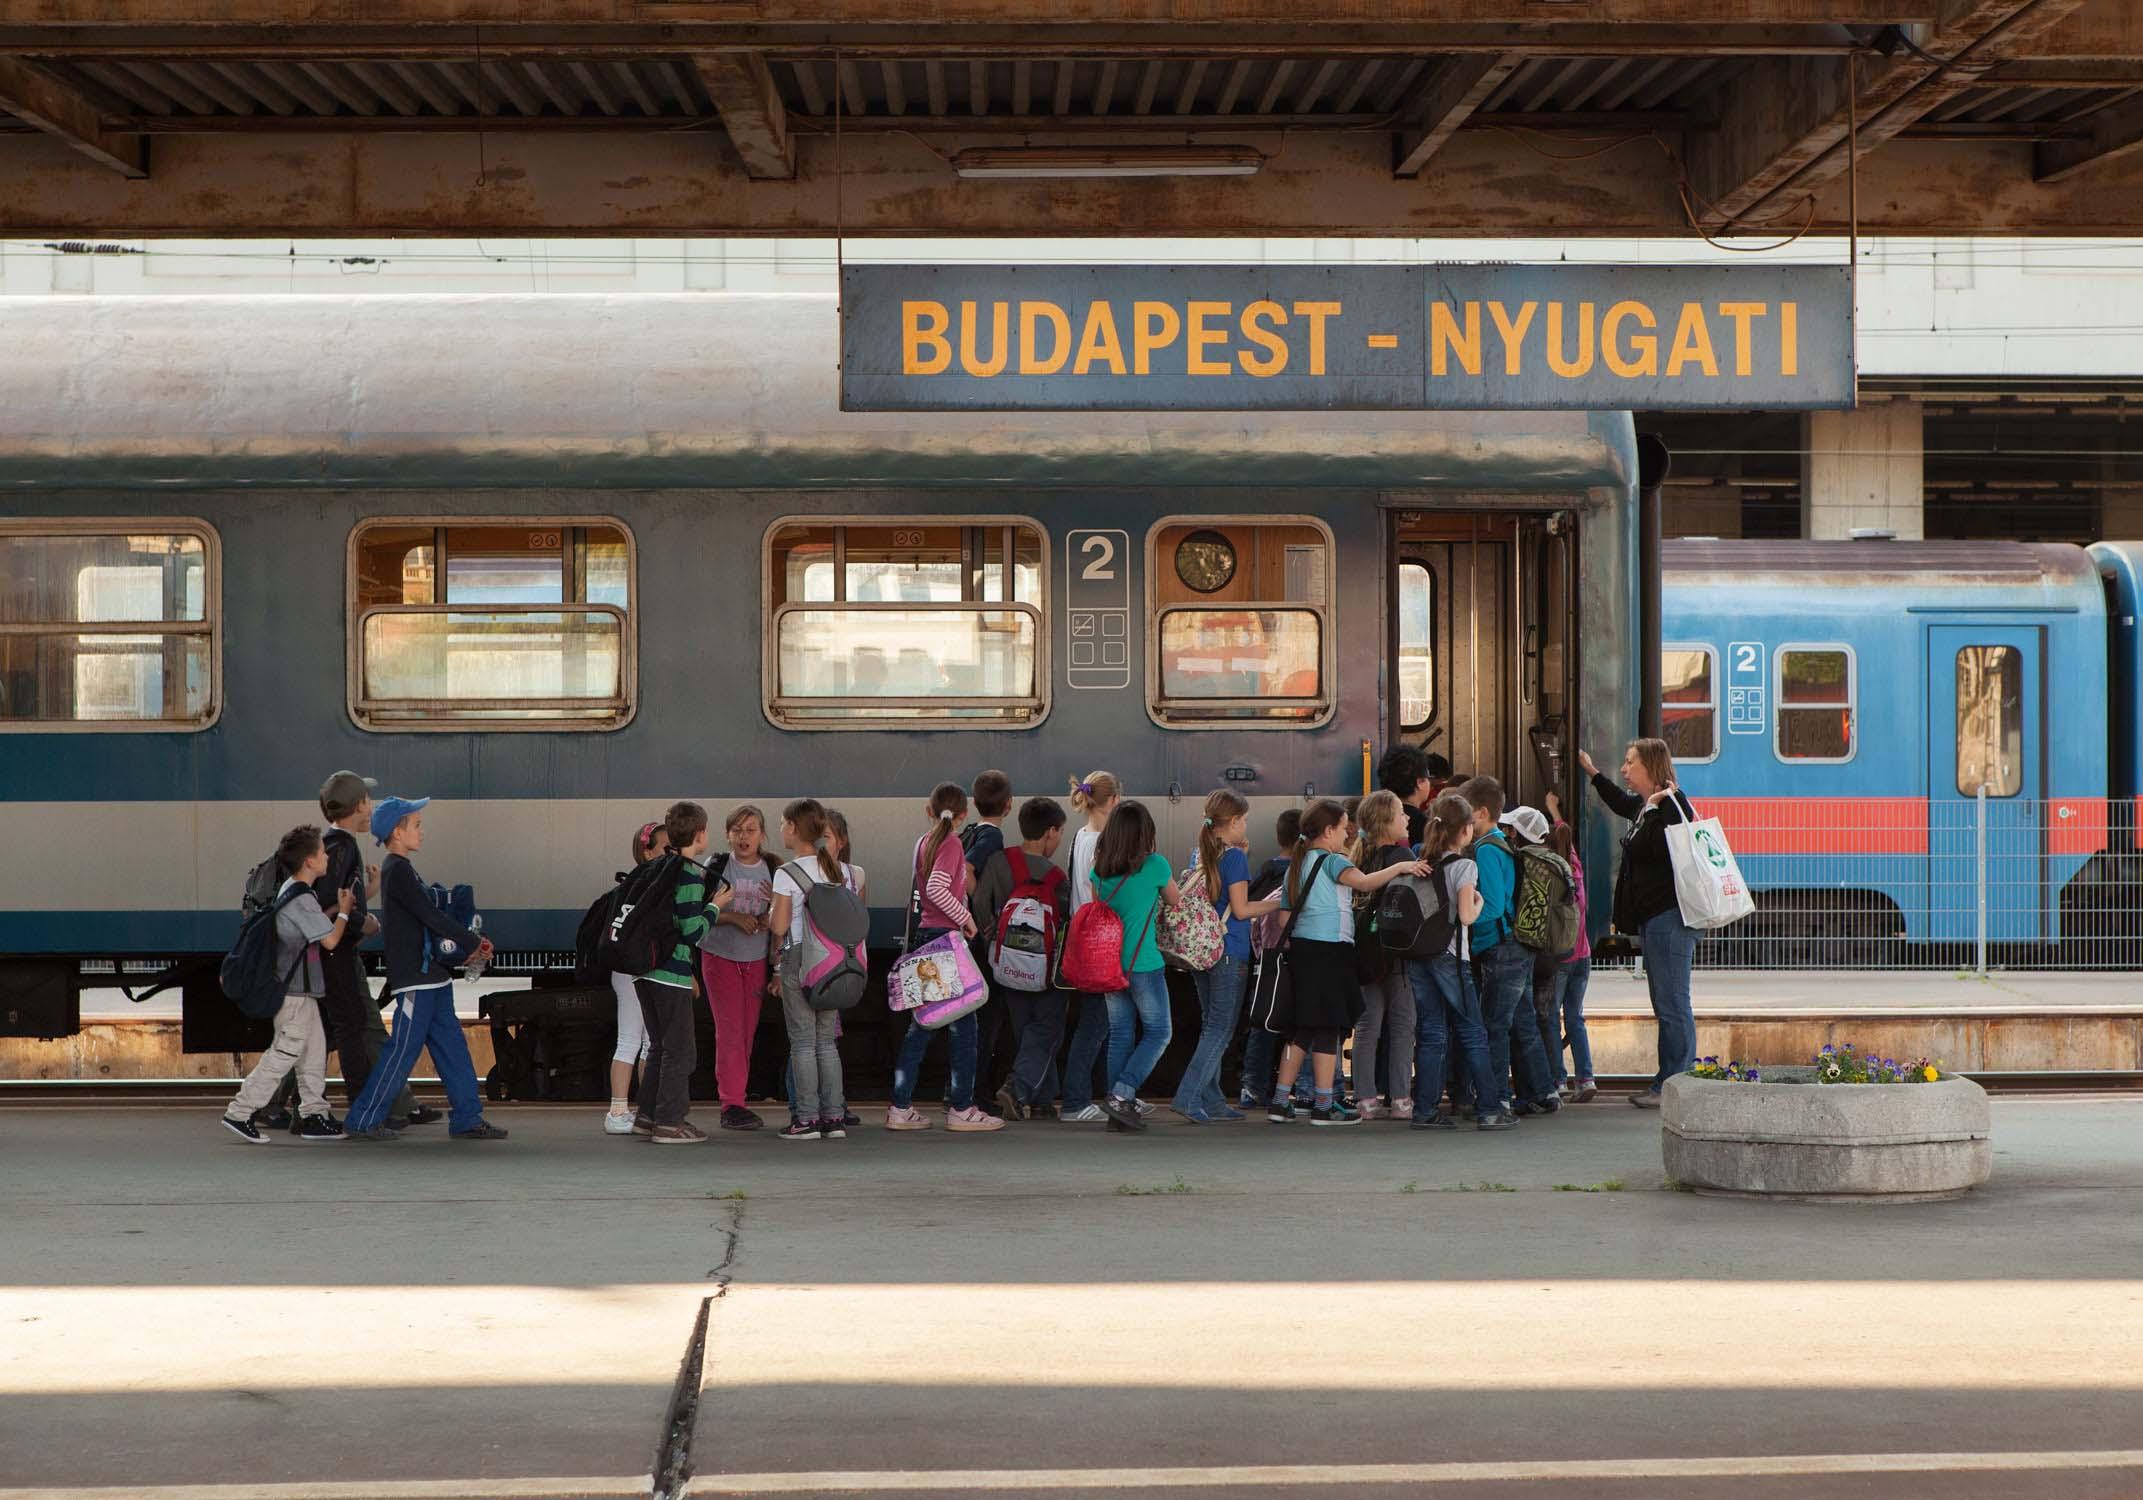 budapest nyugati pu kinder gruppe einsteigen westbahnhof ungarn bahnhof reisen zugfahren Jörn Strojny